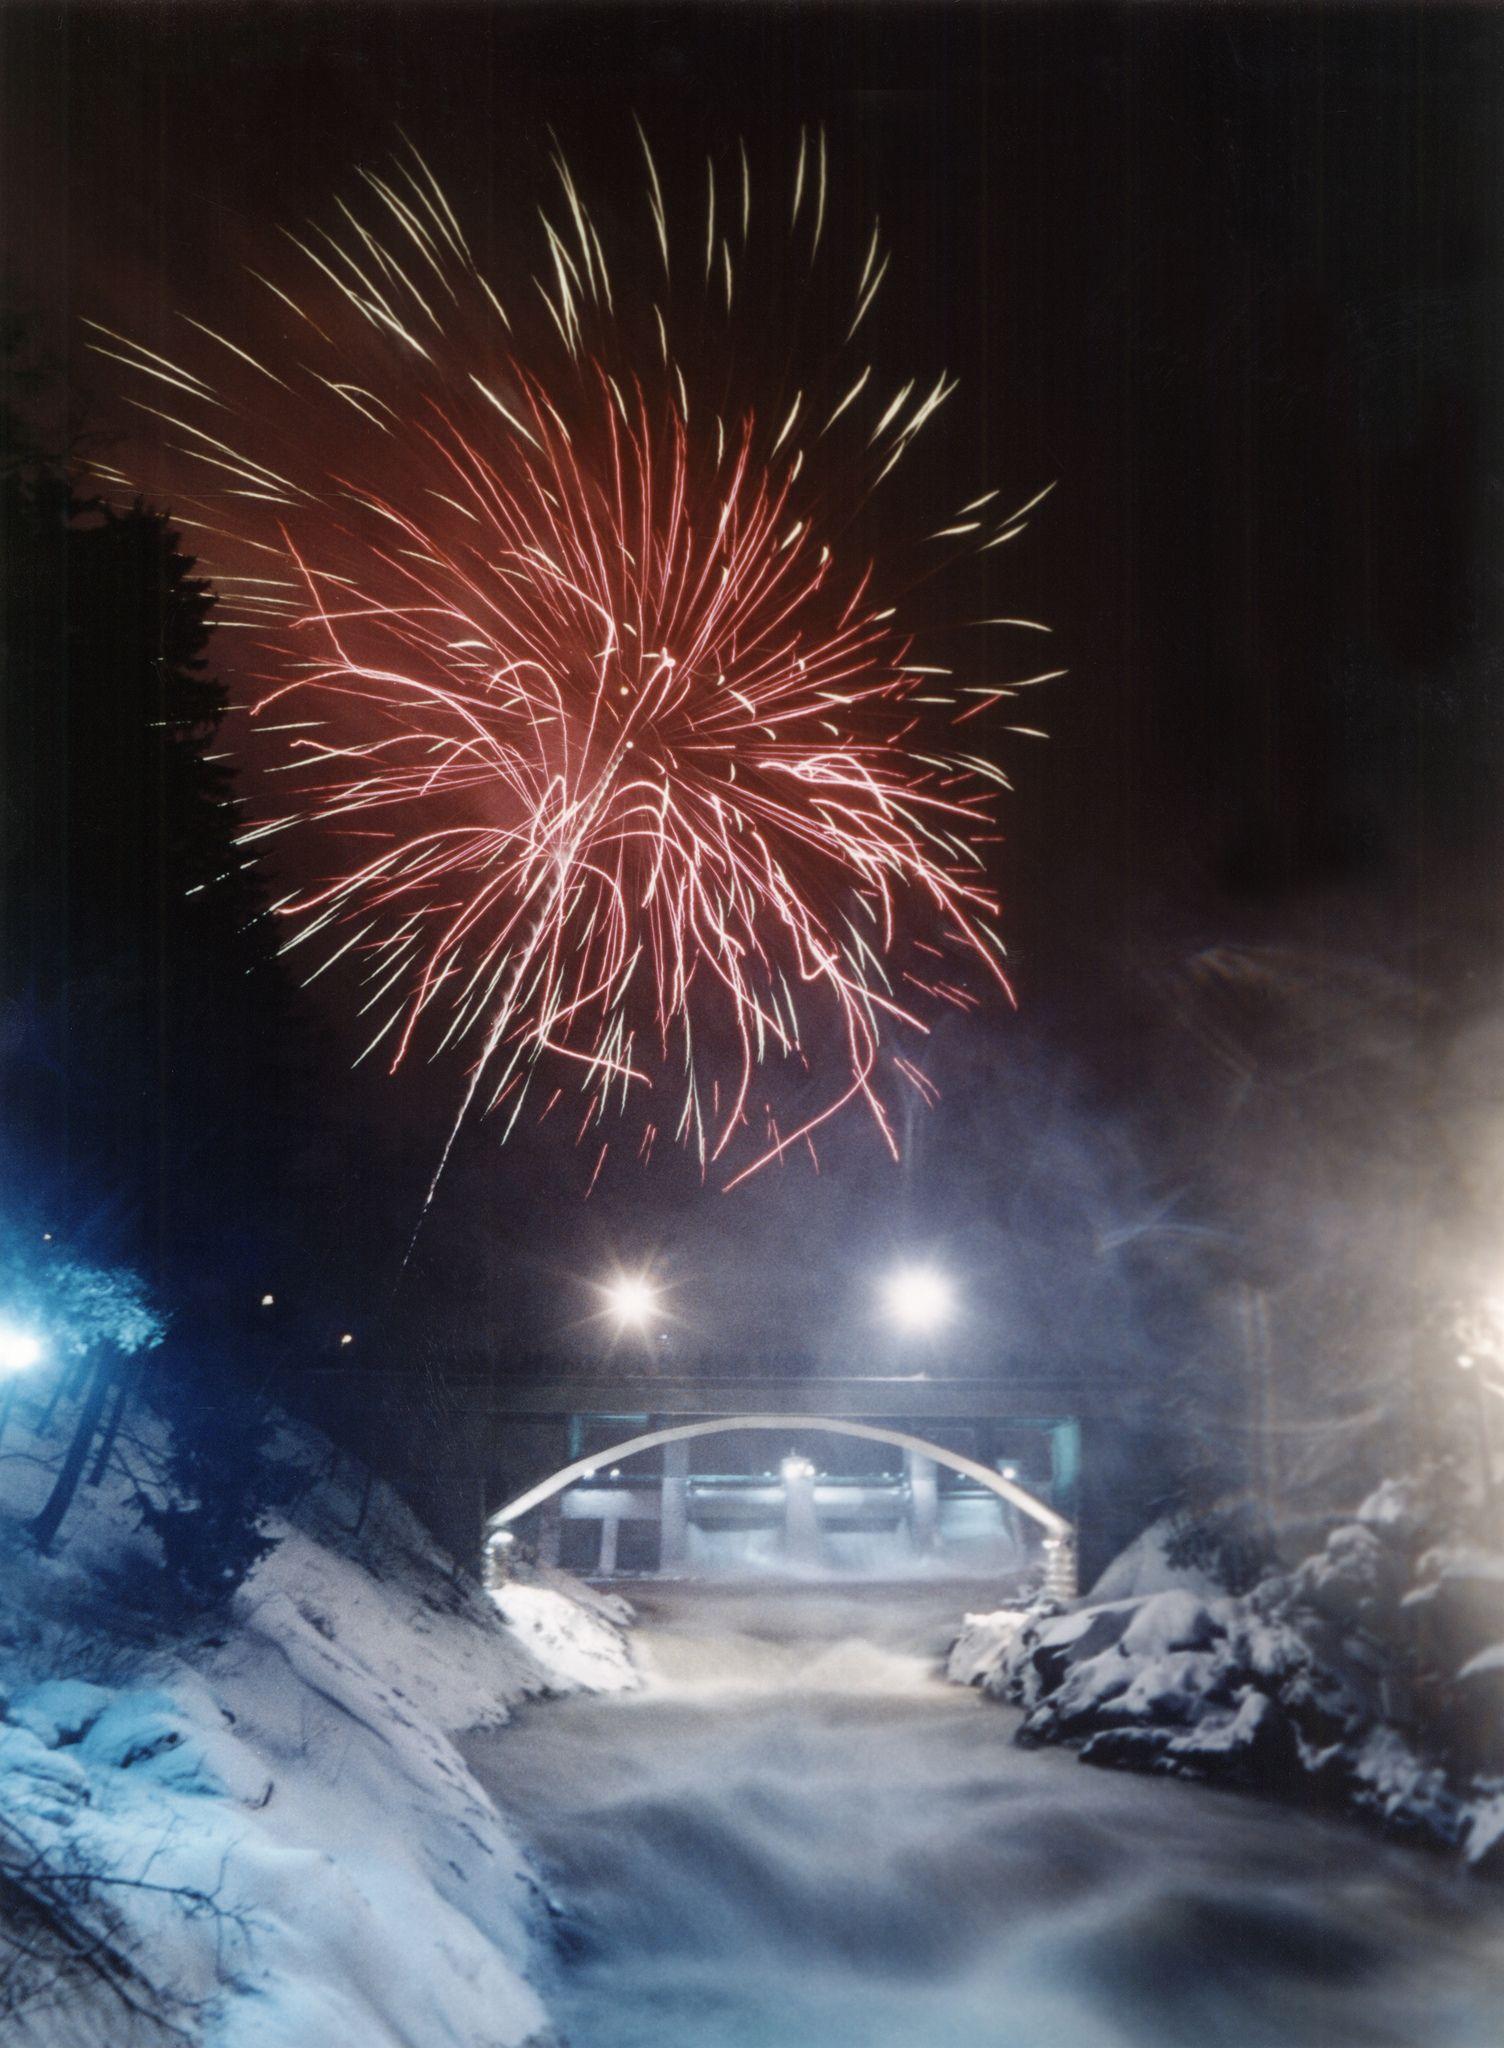 https://flic.kr/p/cAmU7s | Talvinen koskinäytös (Rapid Show during the winter) | Upeaa Imatrankoskea pääsee ihailemaan myös talvella! Uuden Vuoden huikean show'n voi kokea lumen ja pakkasen ympäröimänä.  Admire about the awesome Imatra Rapids also during the winter time. Experience the compination af snow, cold and light on the New Year's a huge show.  www.gosaimaa.com www.facebook.com/gosaimaa  Picture: goSaimaa.com/Mikko Nikkinen